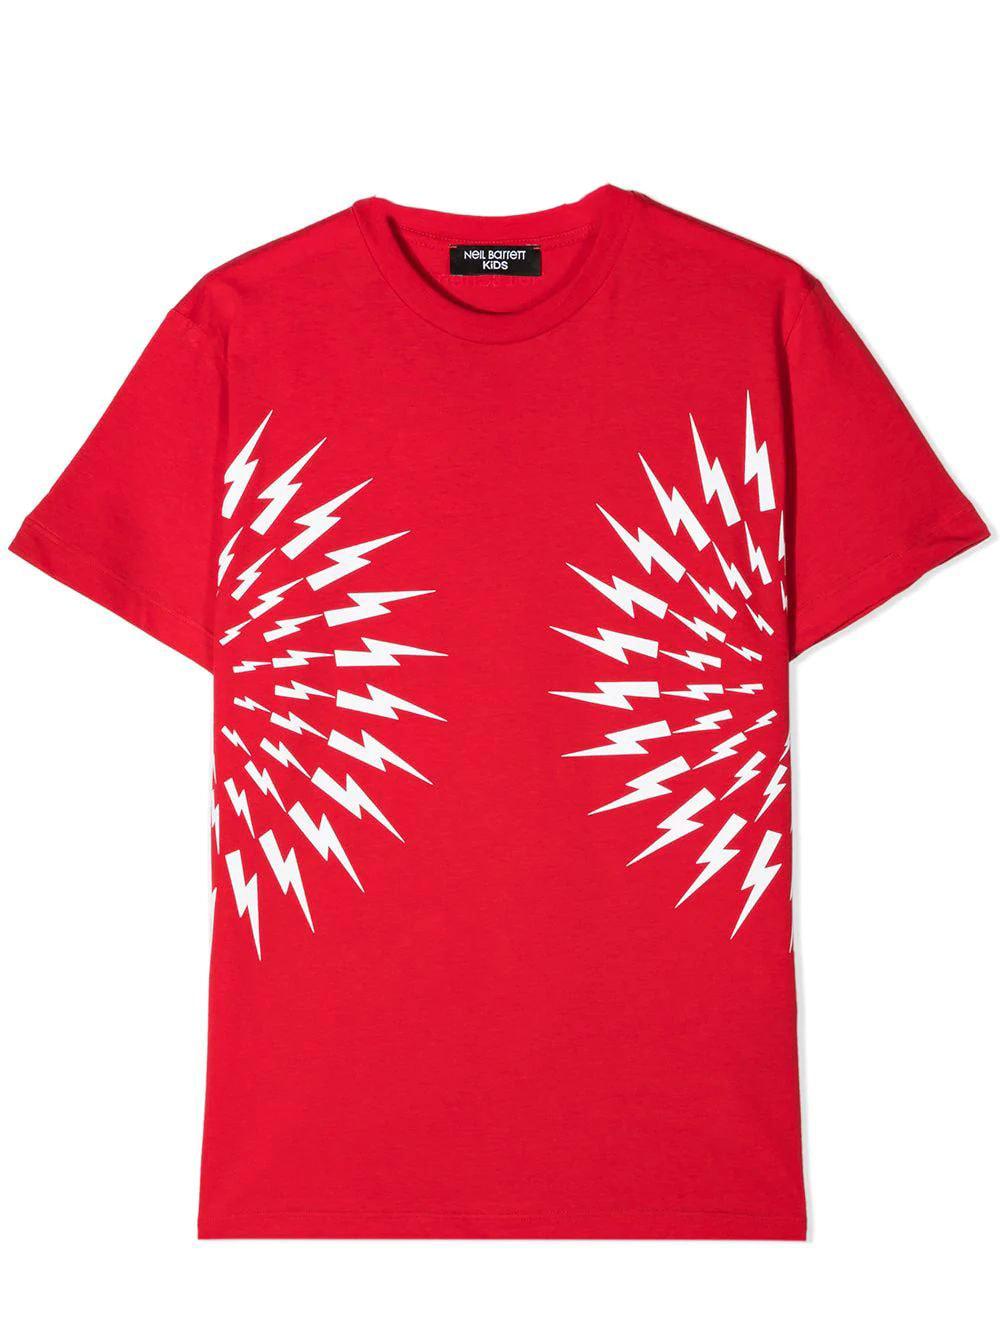 Neil Barrett Kids' Print T-shirt In Red